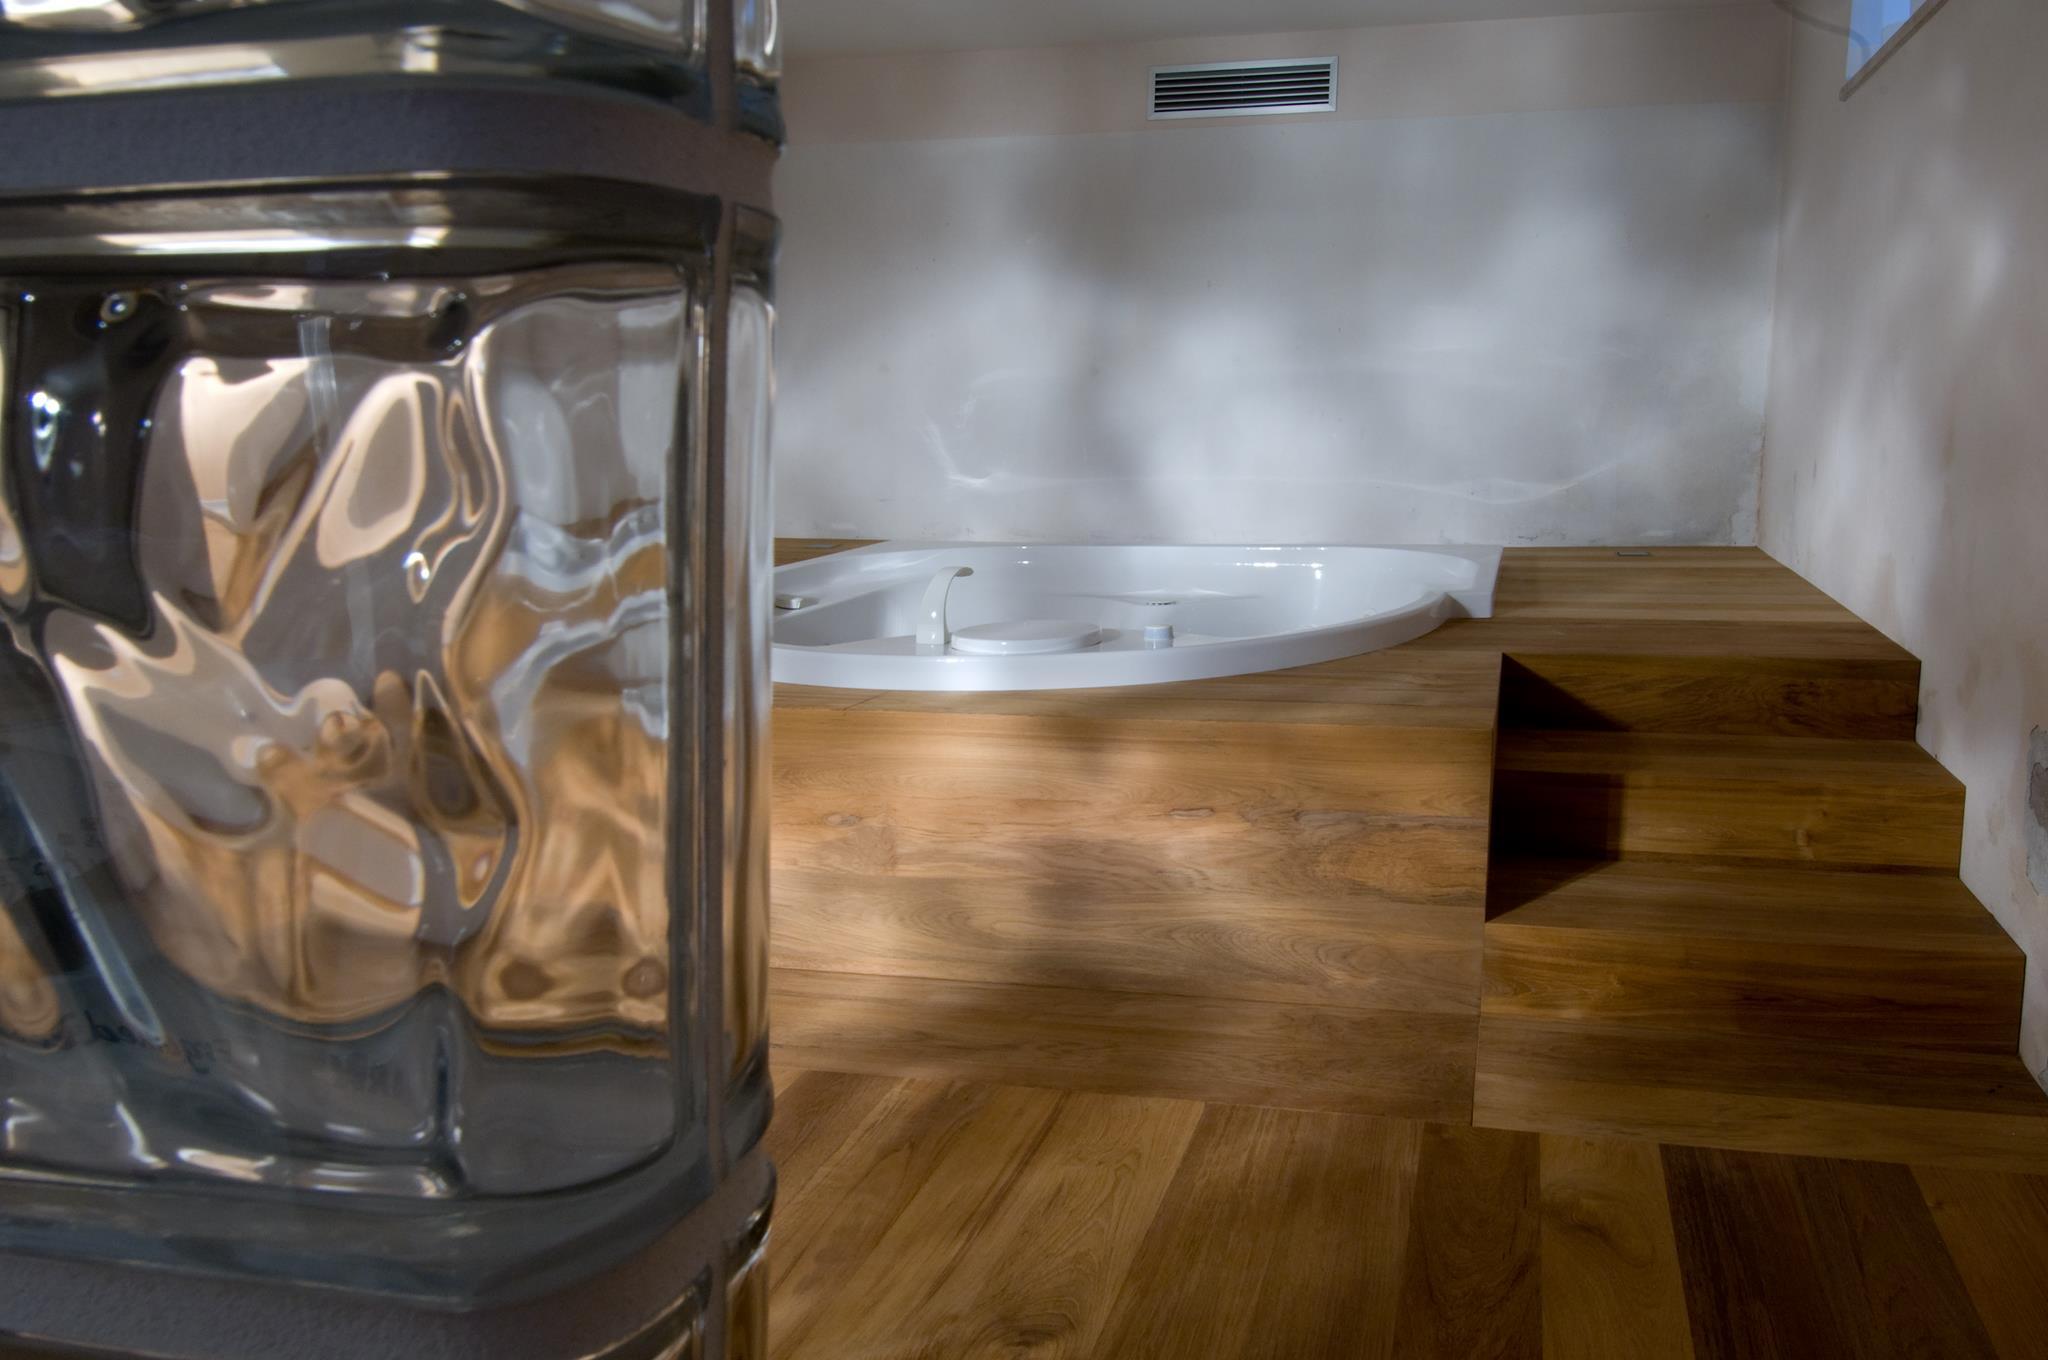 Mobili bagno su misura realizzati da atelier tonini treviso - Mobili su misura treviso ...